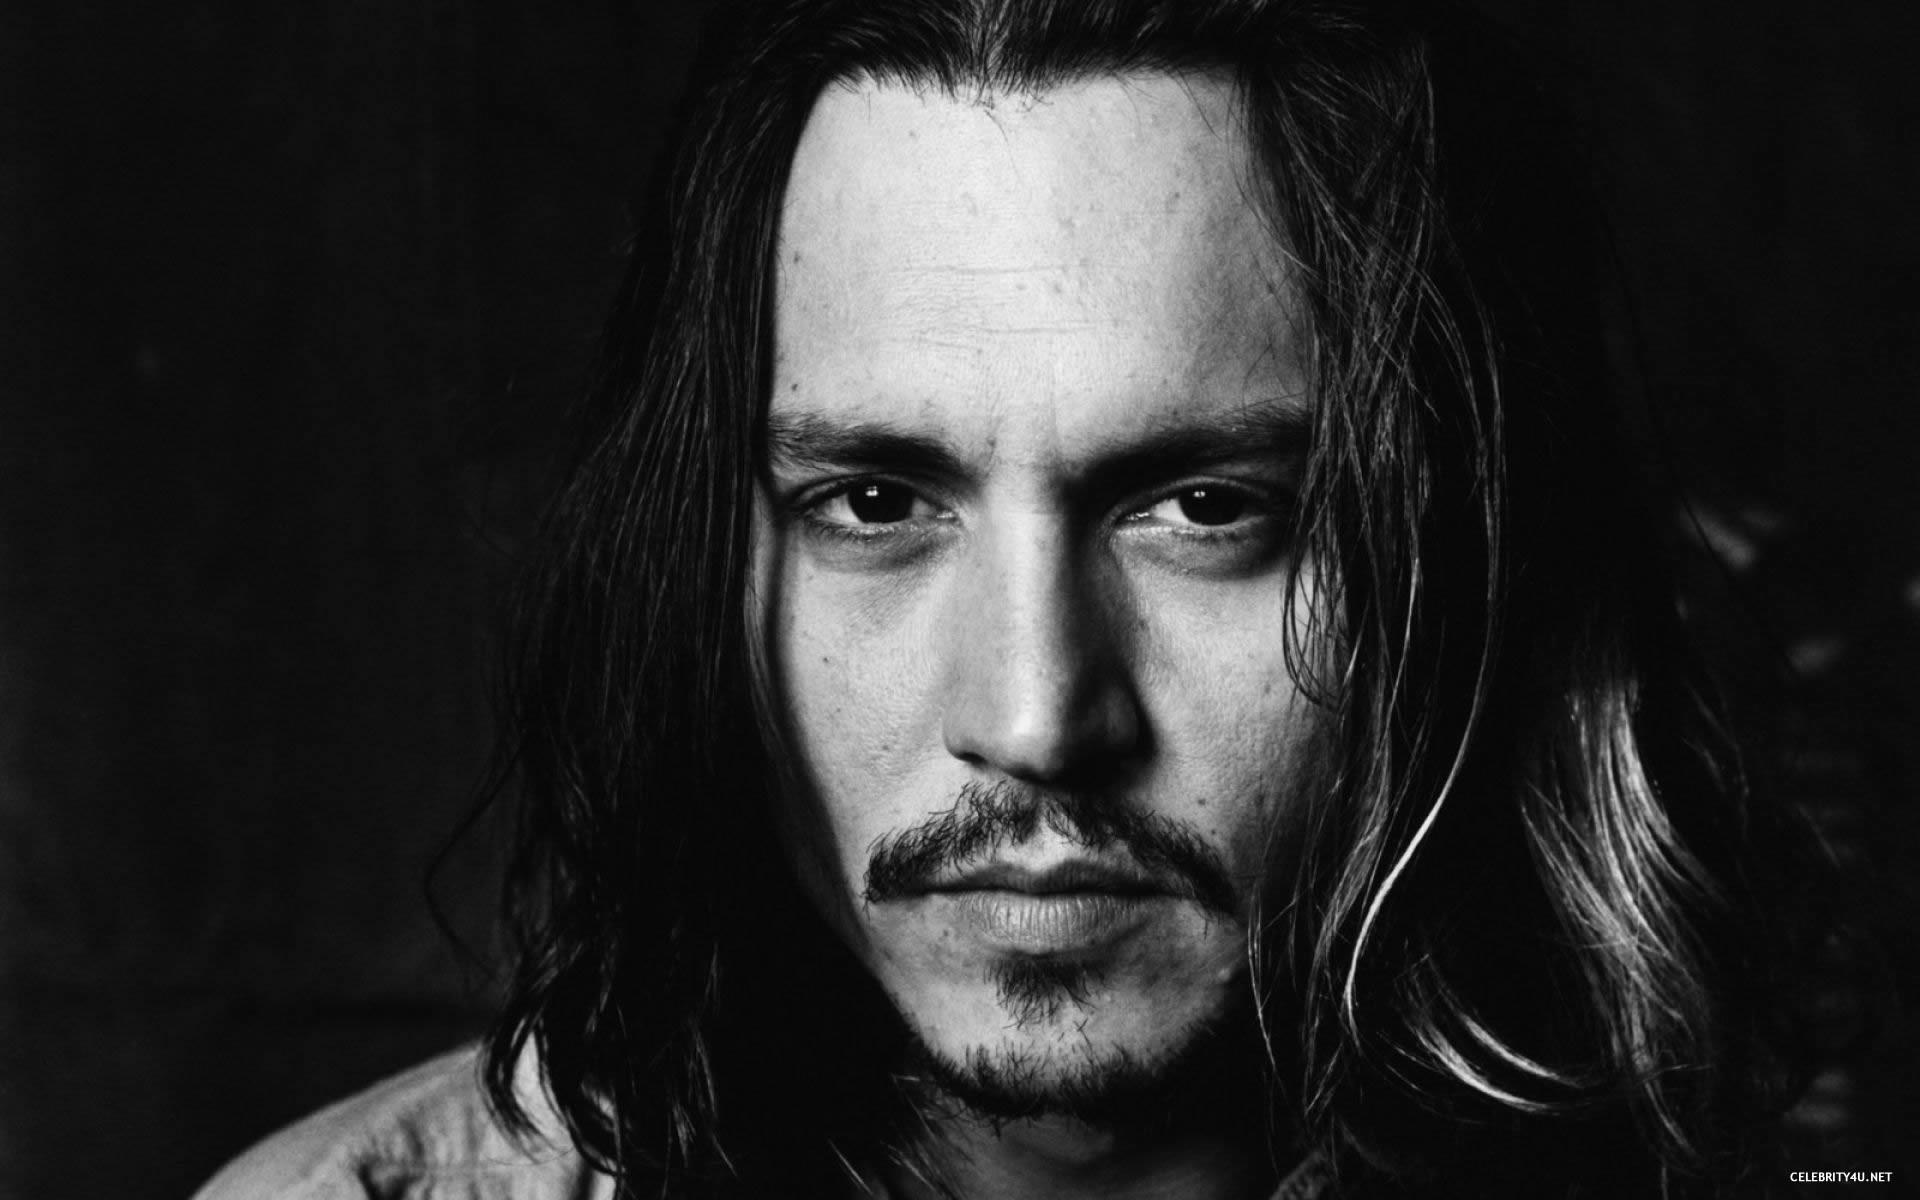 Johnny Depp Mad Hatter Wallpaper (70+ Images